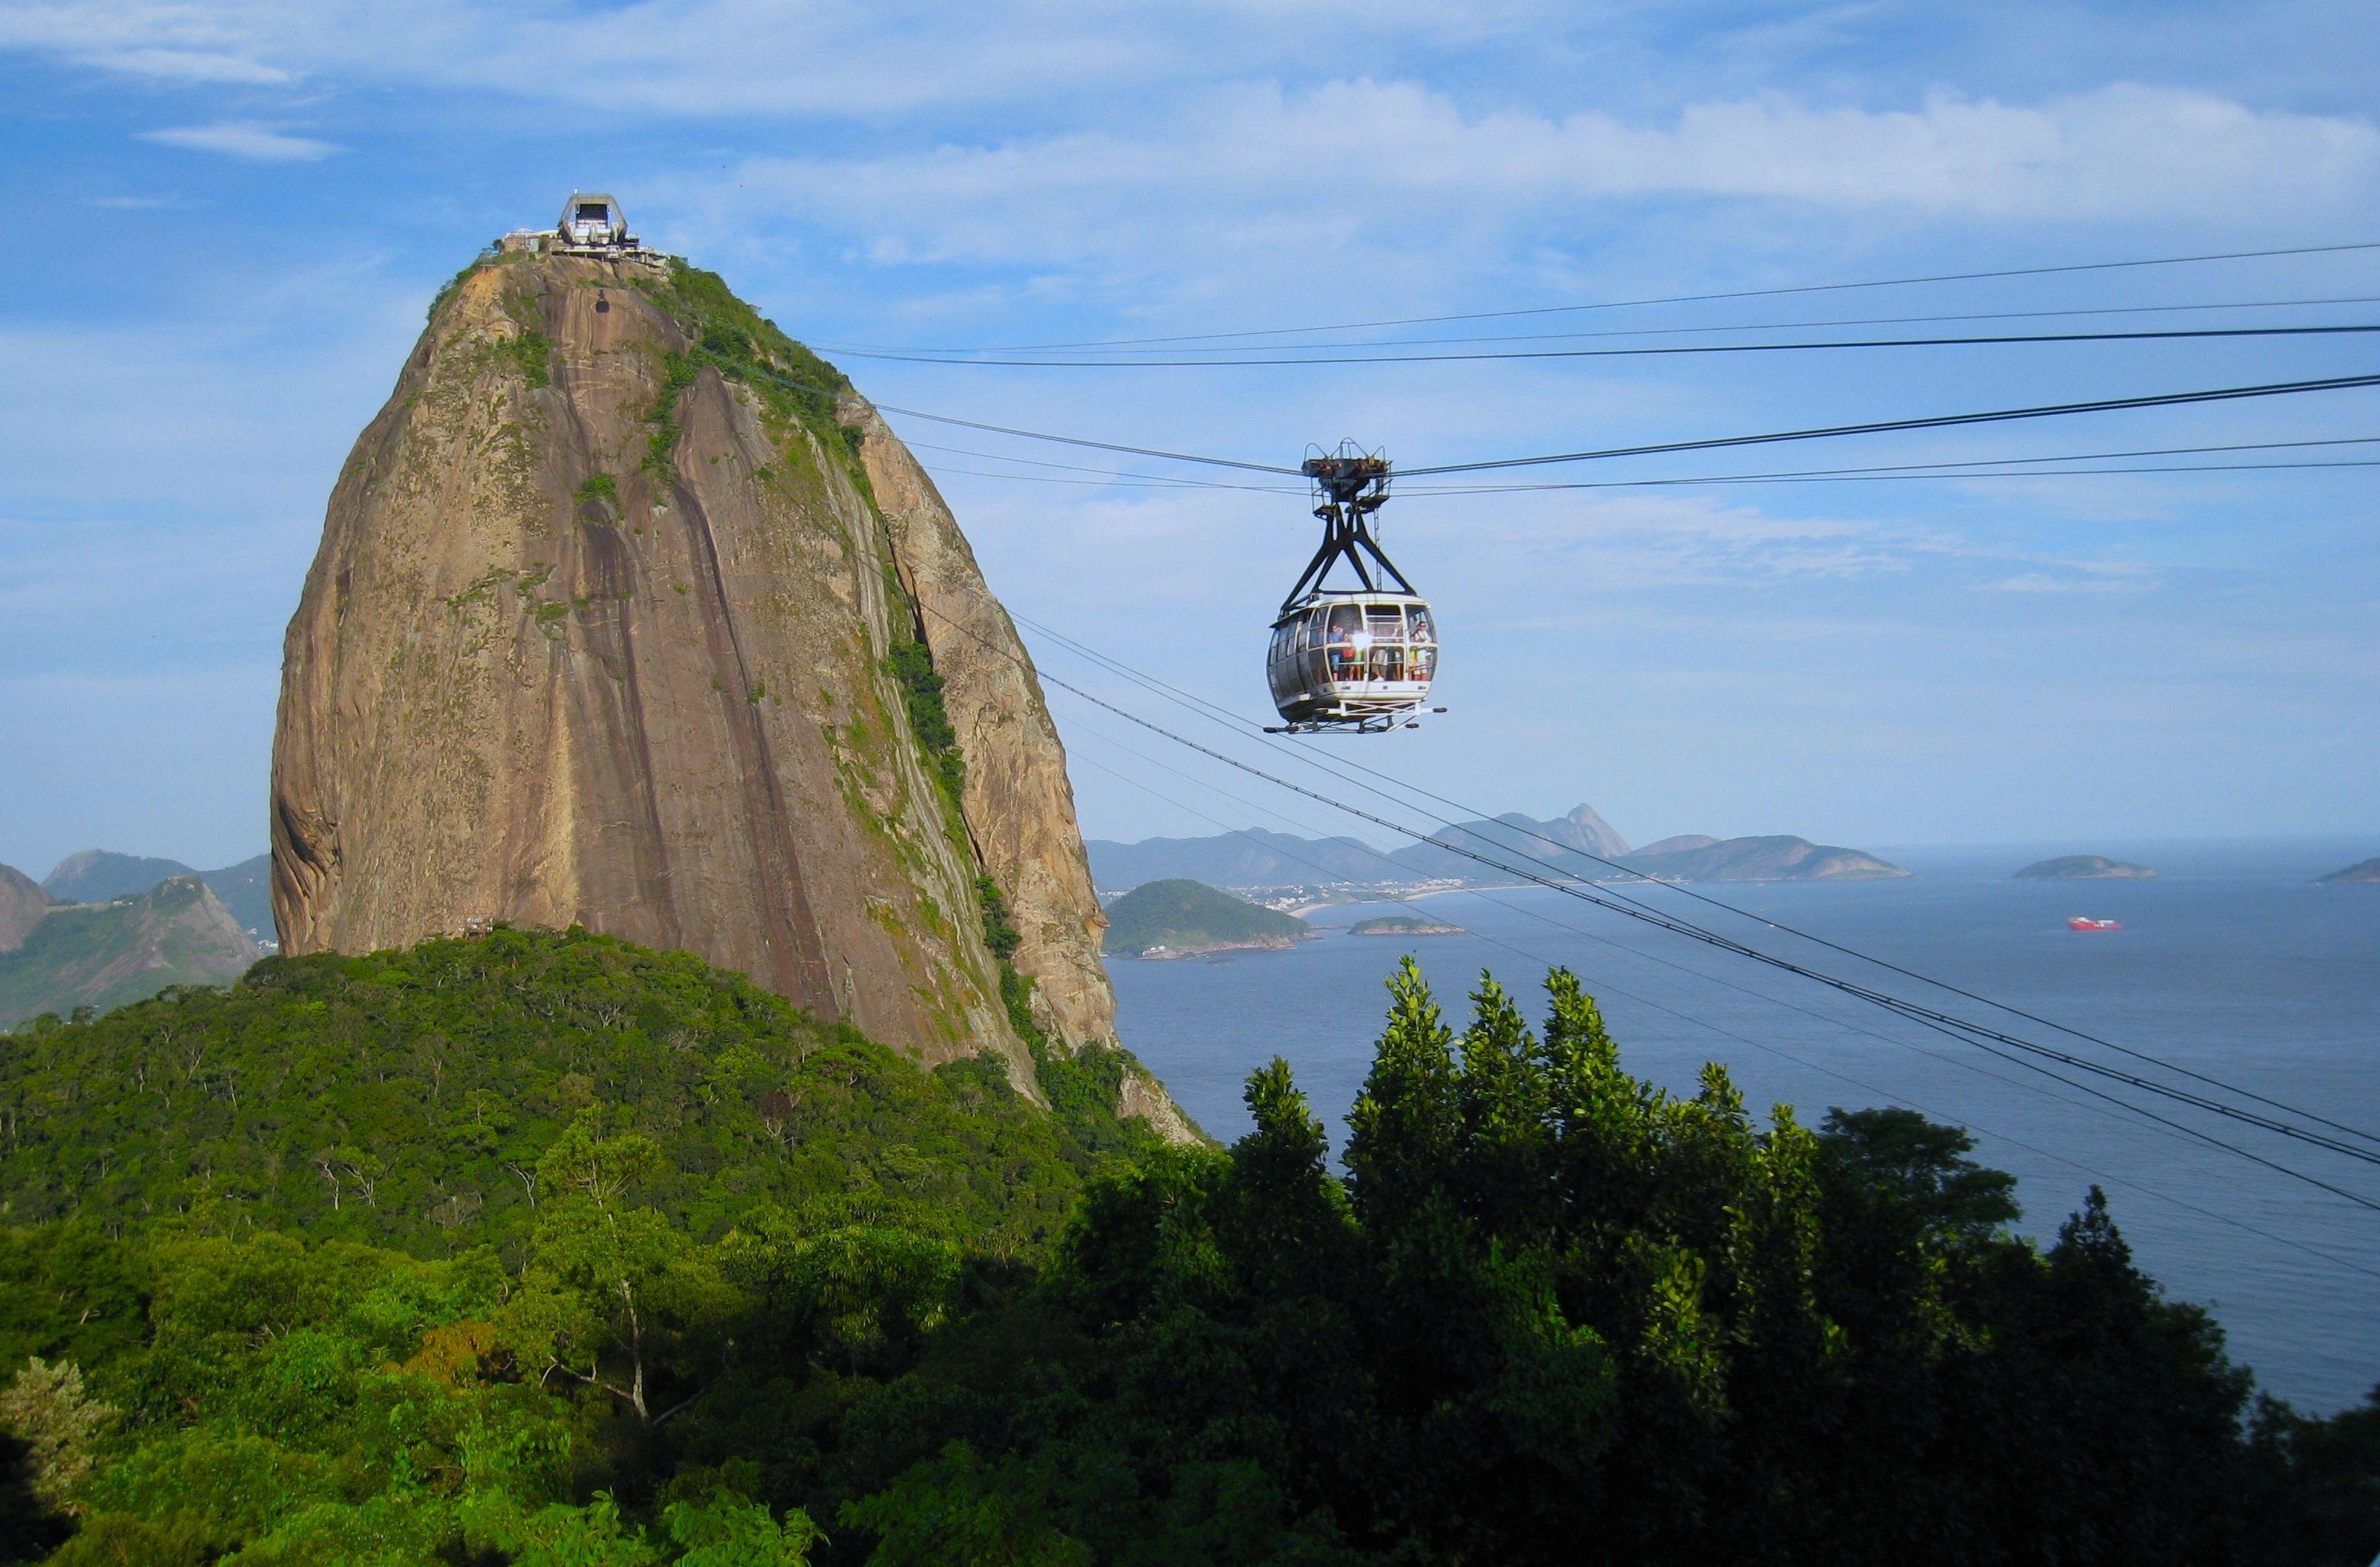 Rio De Janeiro Gondolas Ride For 360 Degree Panoramic Views Travel Travel And Tourism Usa Travel Destinations